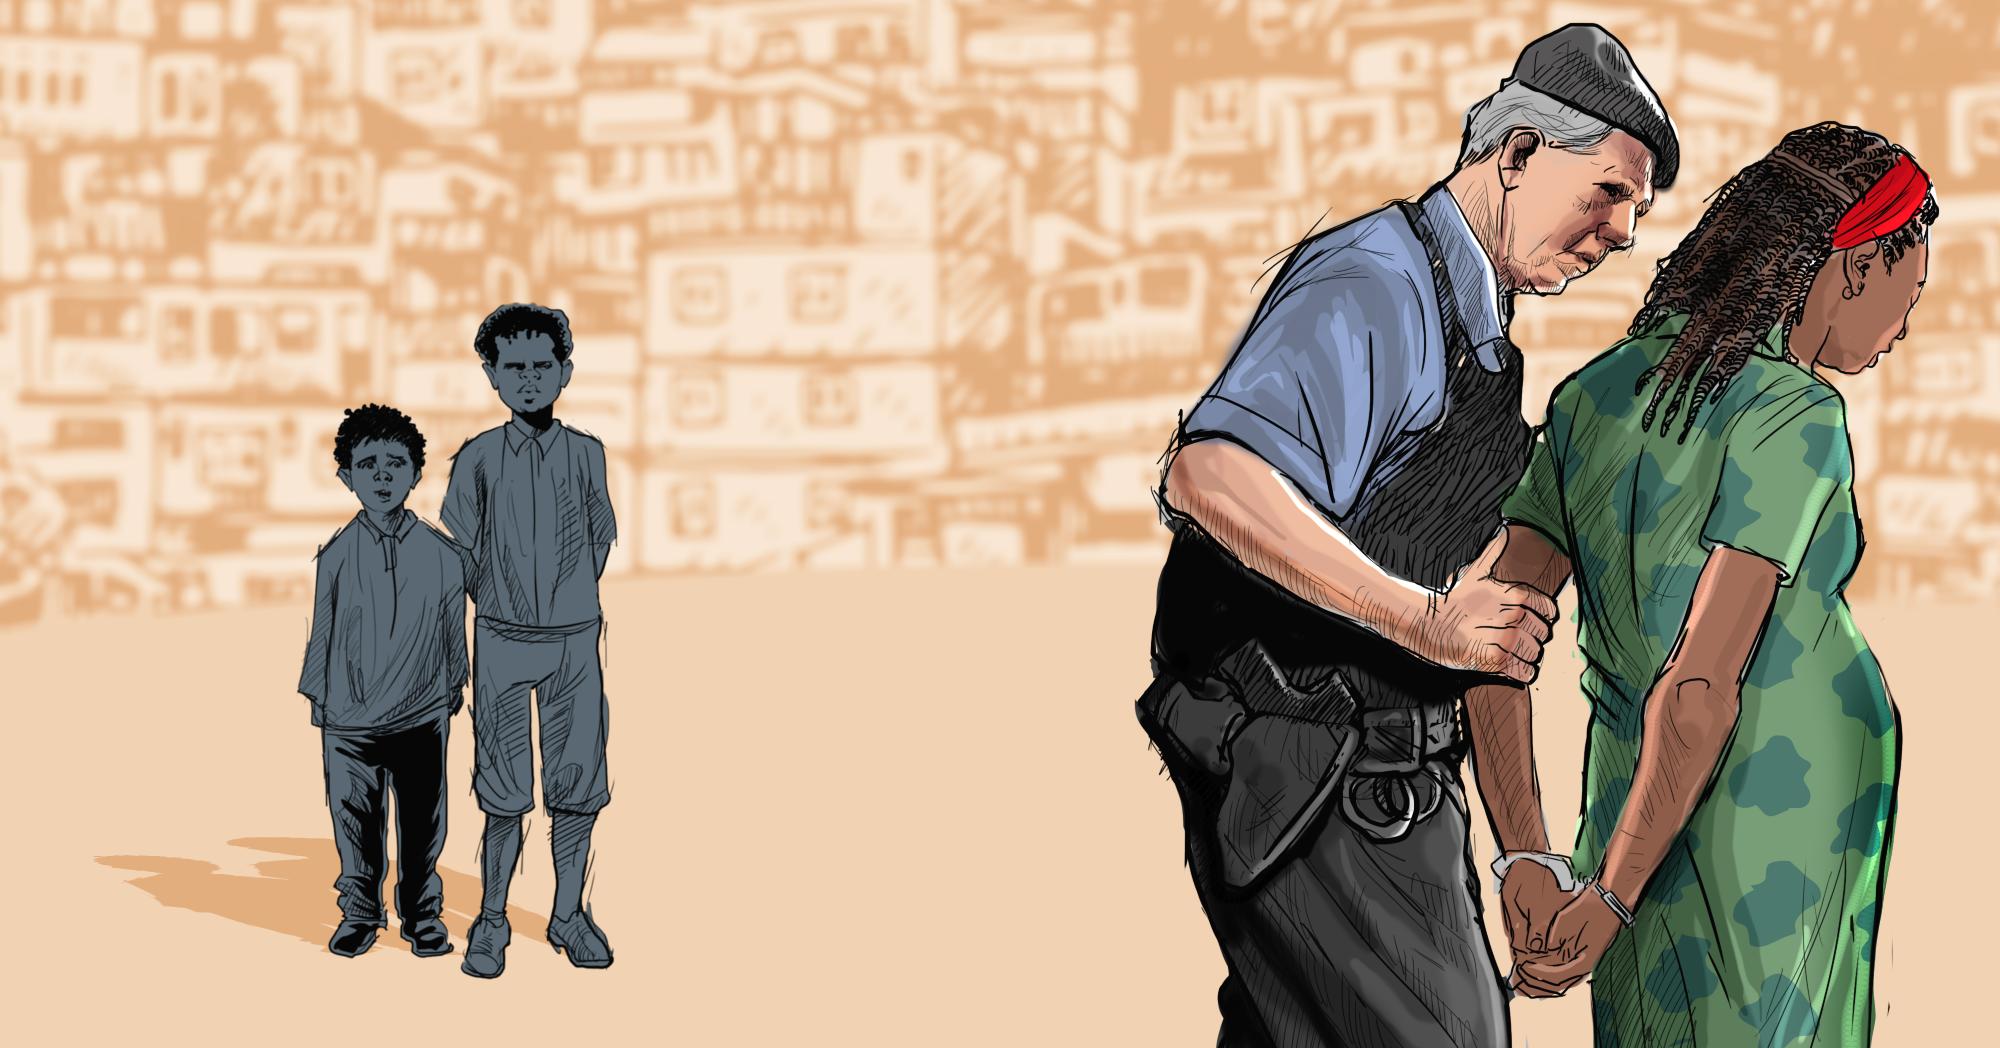 Mula do tráfico de drogas: vulneráveis, mulheres são escolhidas por quadrilhas para transporte de entorpecentes (Ilustração: Claudio Duarte)